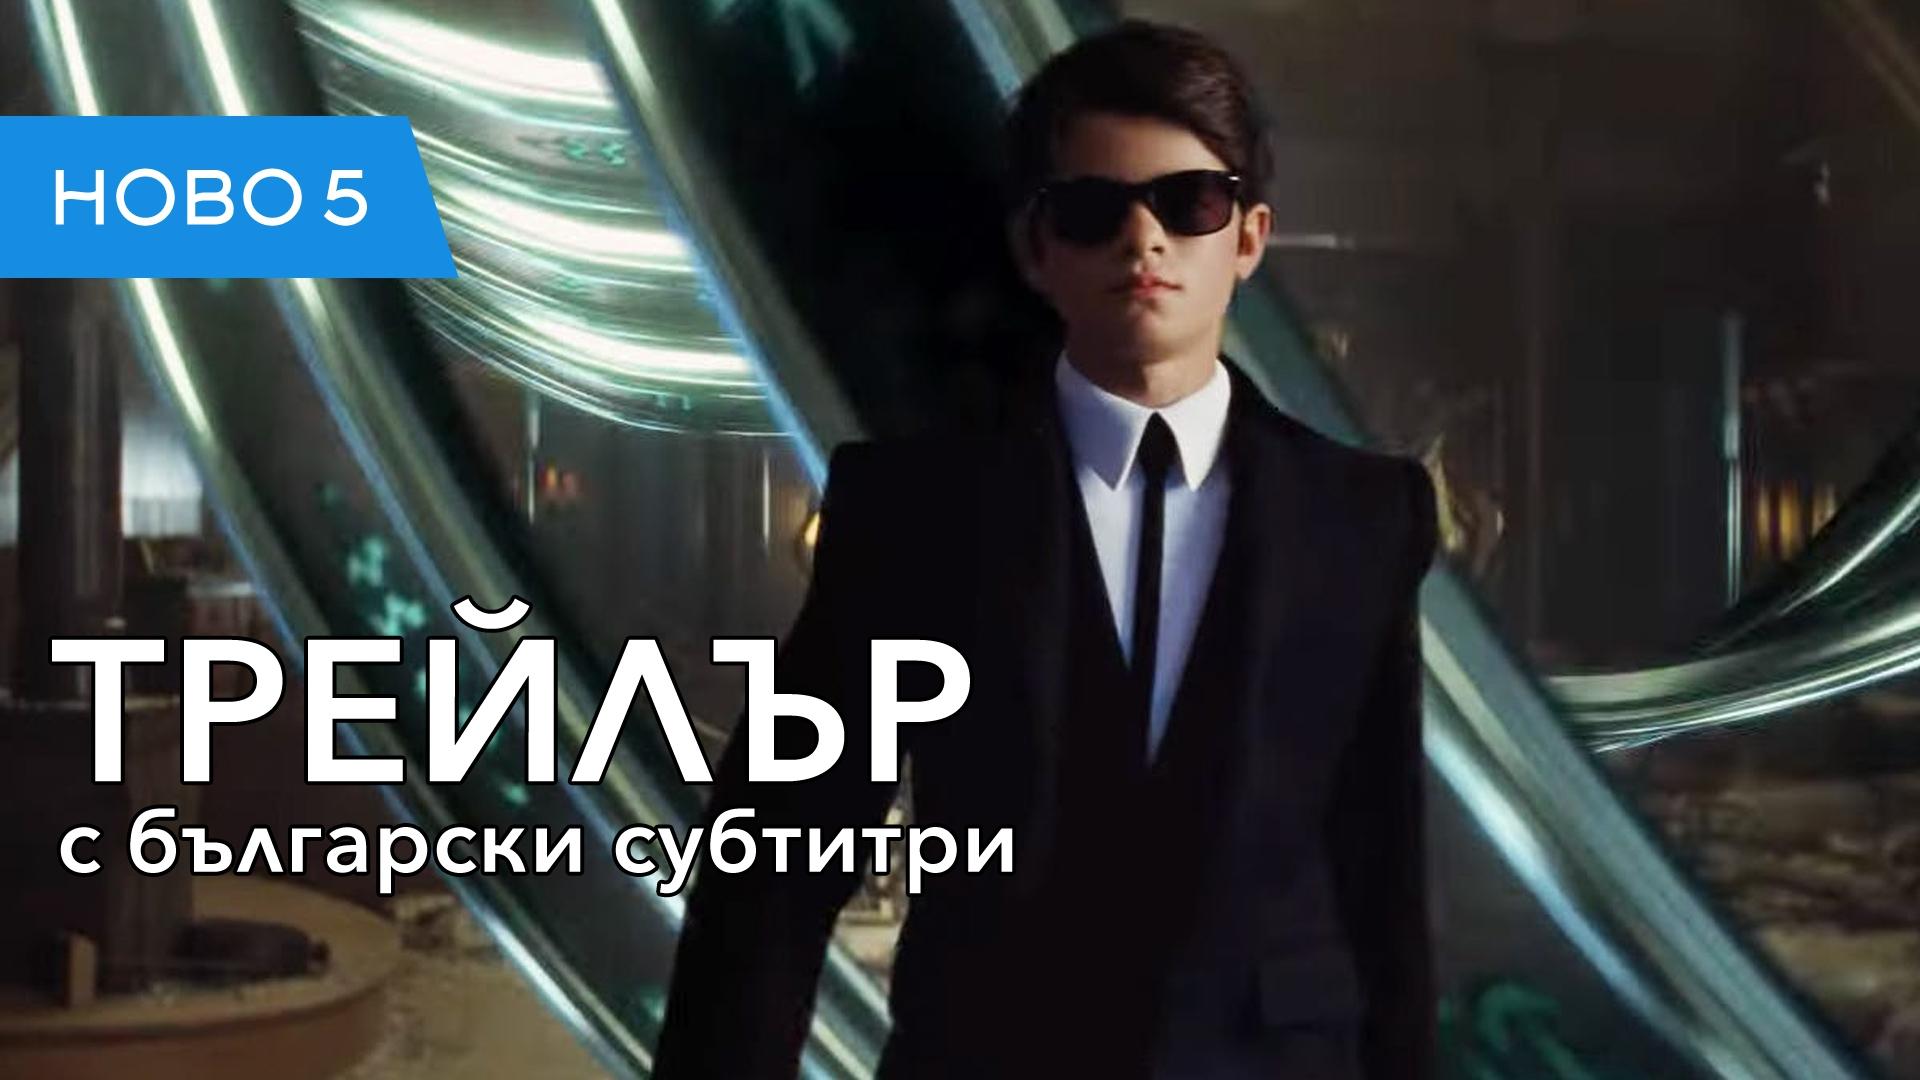 Тайната на Артемис Фоул (2019) първи трейлър с български субтитри